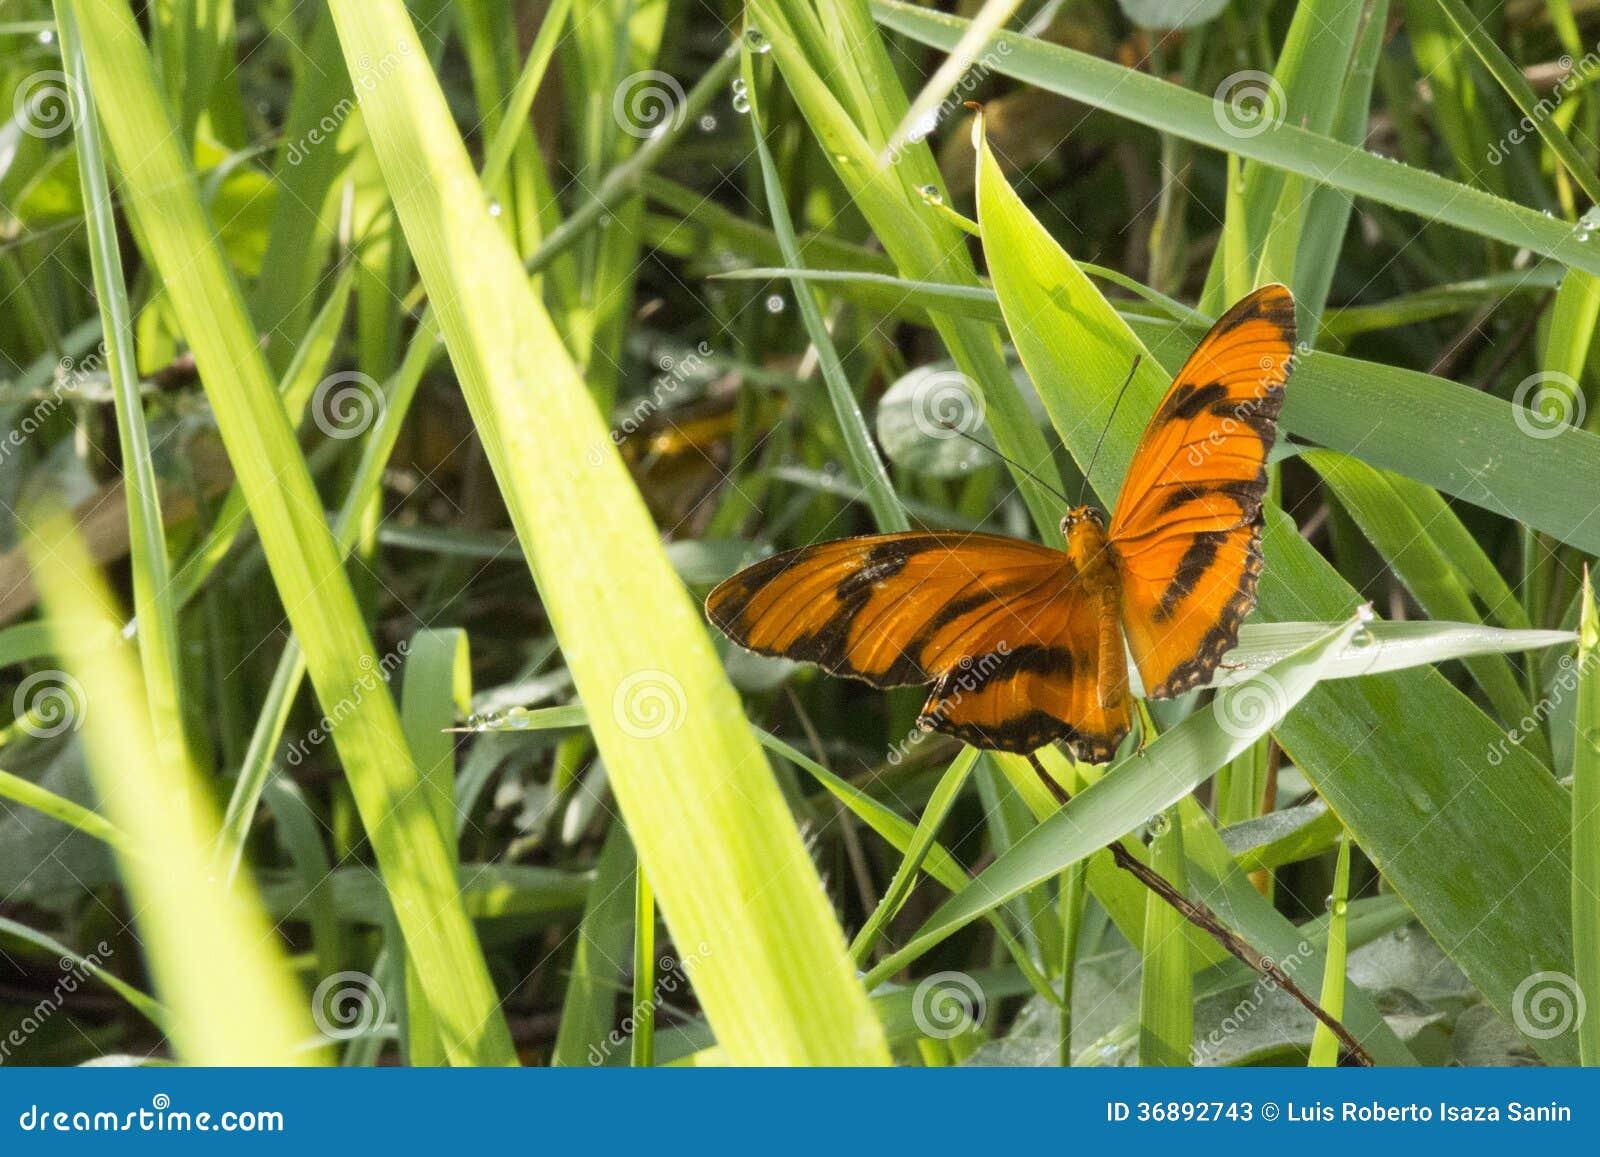 Download Farfalla immagine stock. Immagine di colori, insetto - 36892743